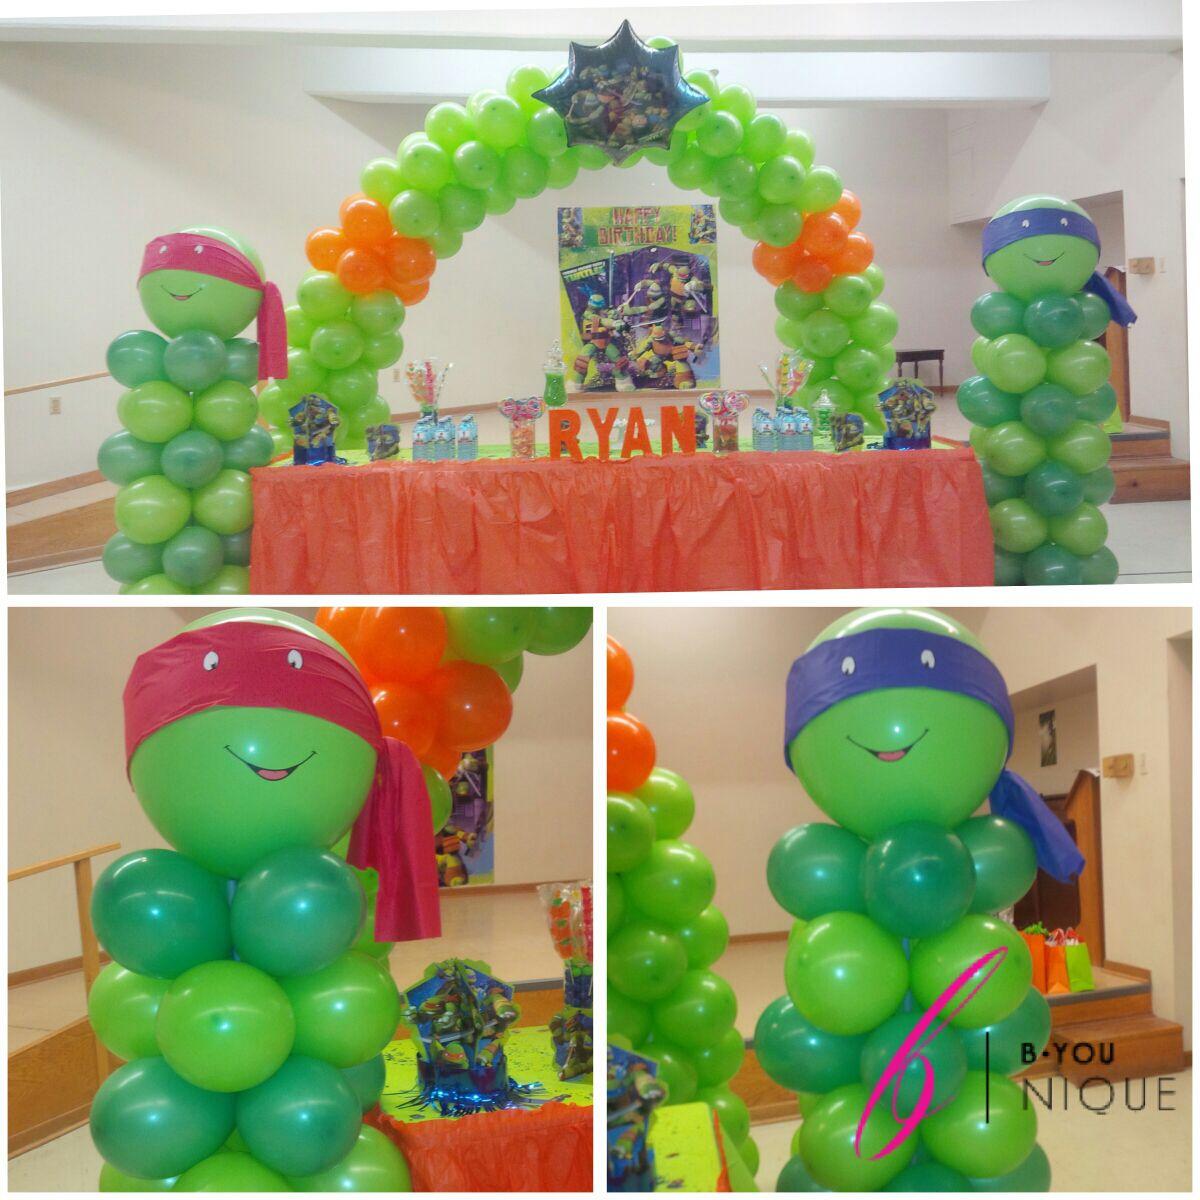 Our Ninja Turtle Balloon Decor Set Up Ninjaturtles Tmnt Ninjaturtleballoons Ninja Turtles Birthday Party Ninja Turtle Party Ninja Turtle Theme Party